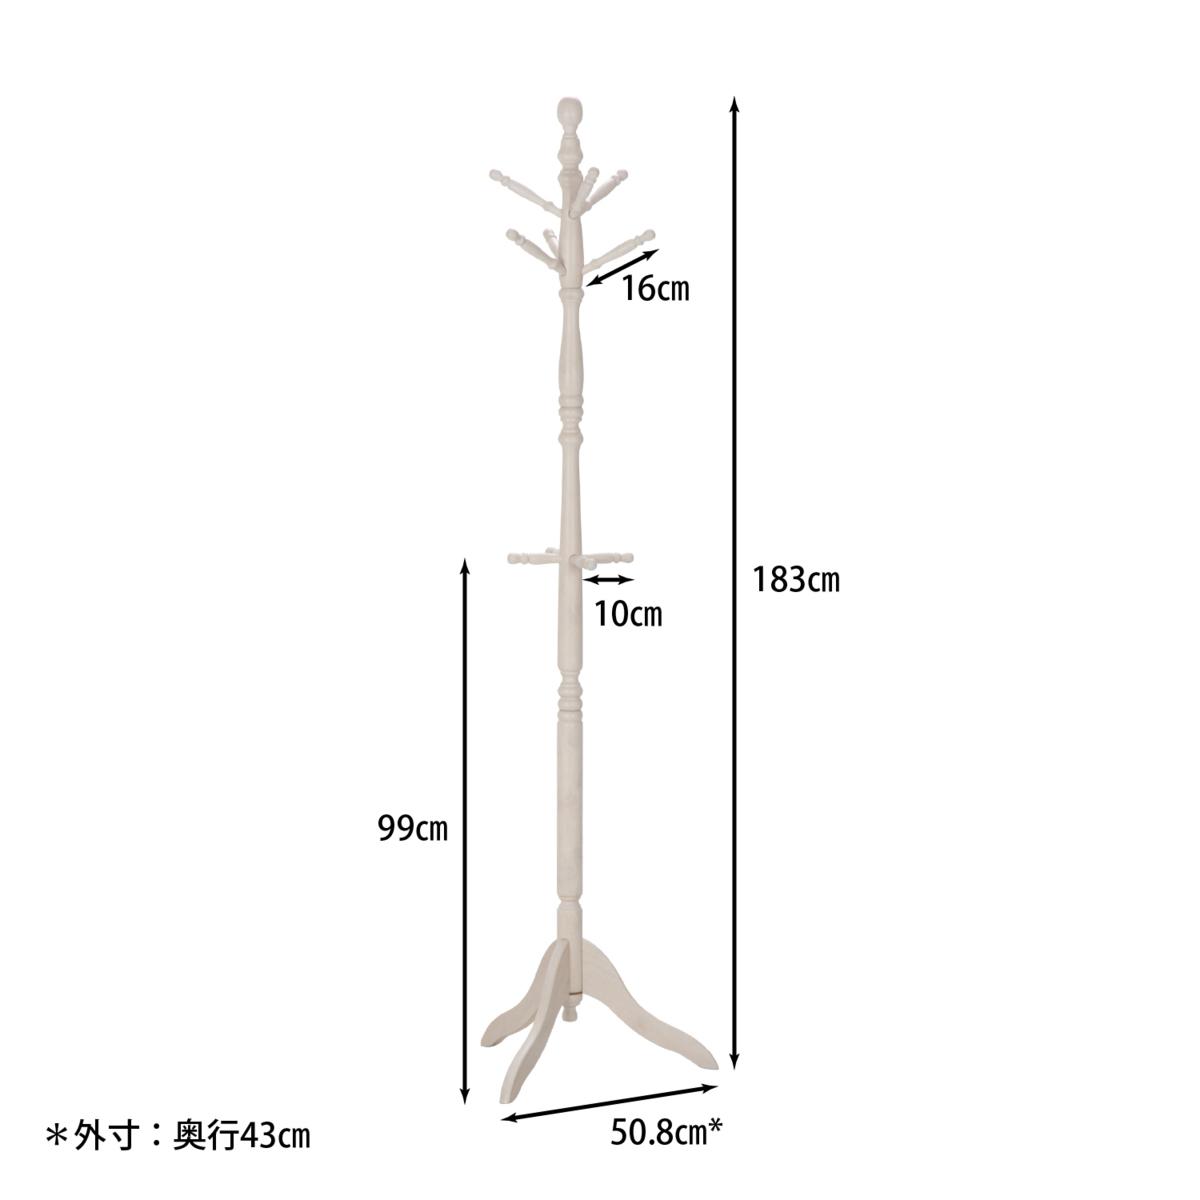 送料無料/極太 木製ラバーウッド ポール コートハンガー ハンガーラック アンティーク風 家具 インテリア 幅51cm 高さ183cm ホワイト/新品_画像9